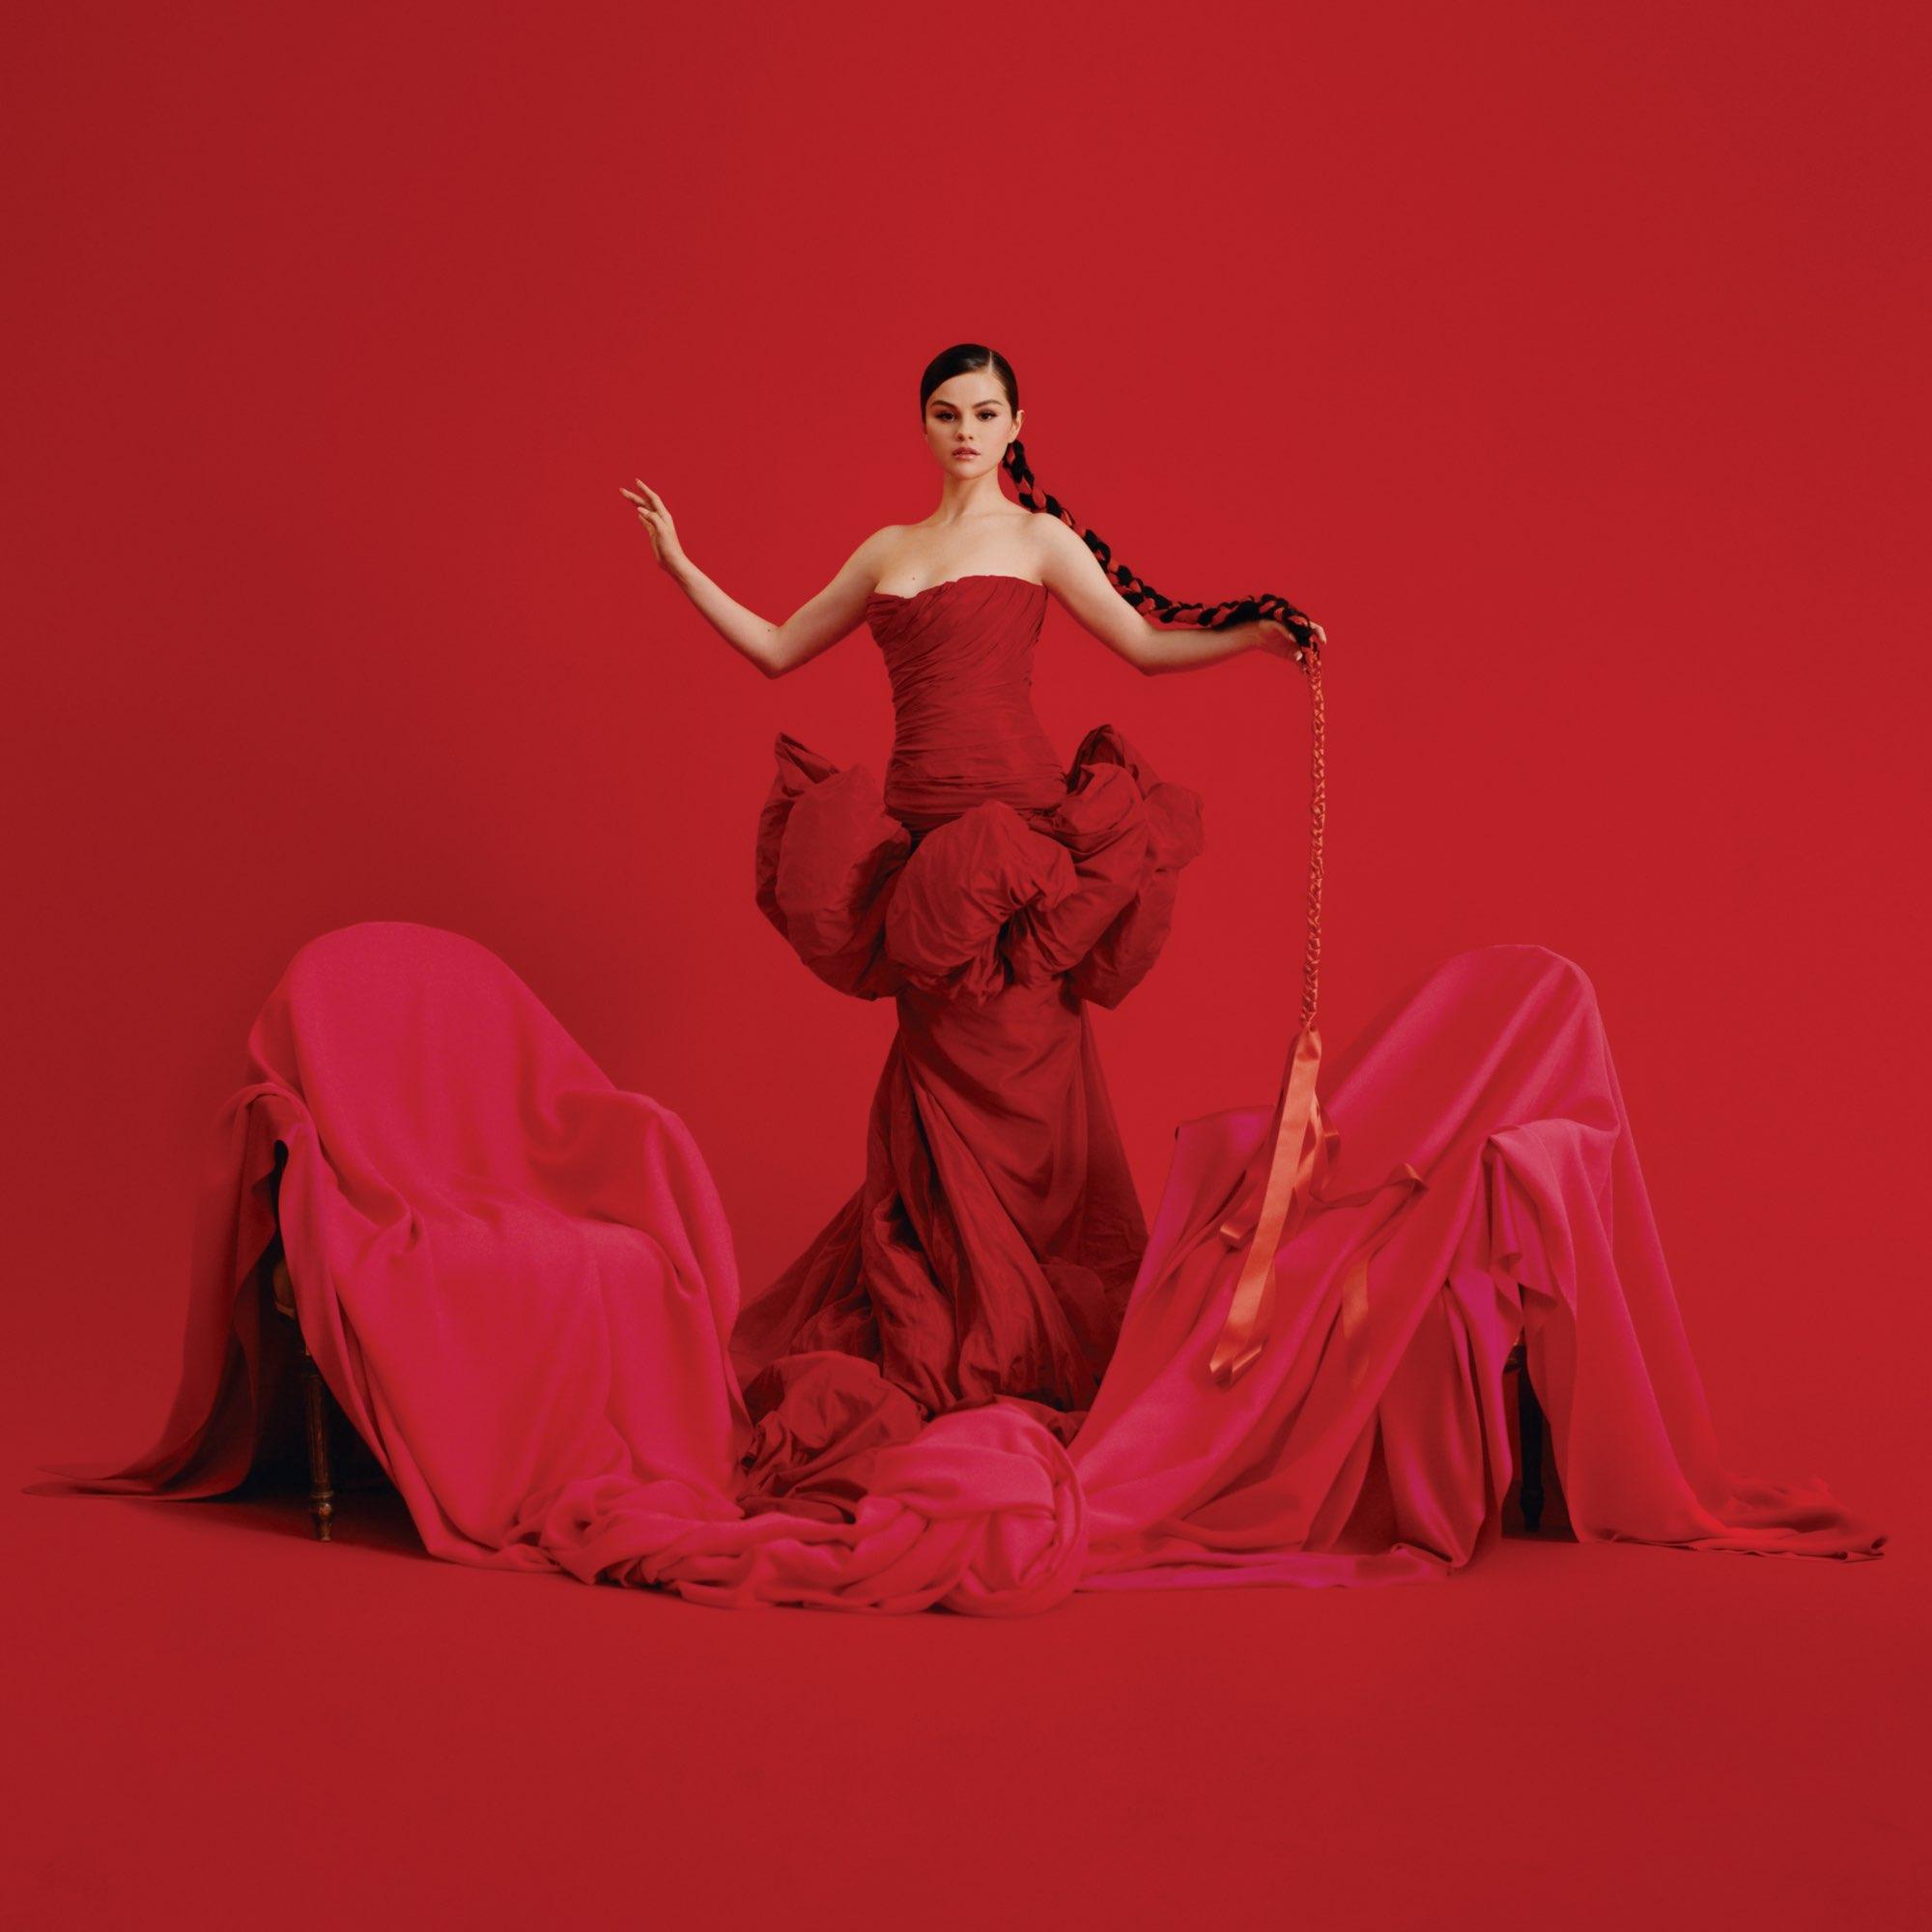 Selena Gomez Revelacion Album Cover 2021 - Selena Gomez - Baila Conmigo (with Rauw Alejandro)